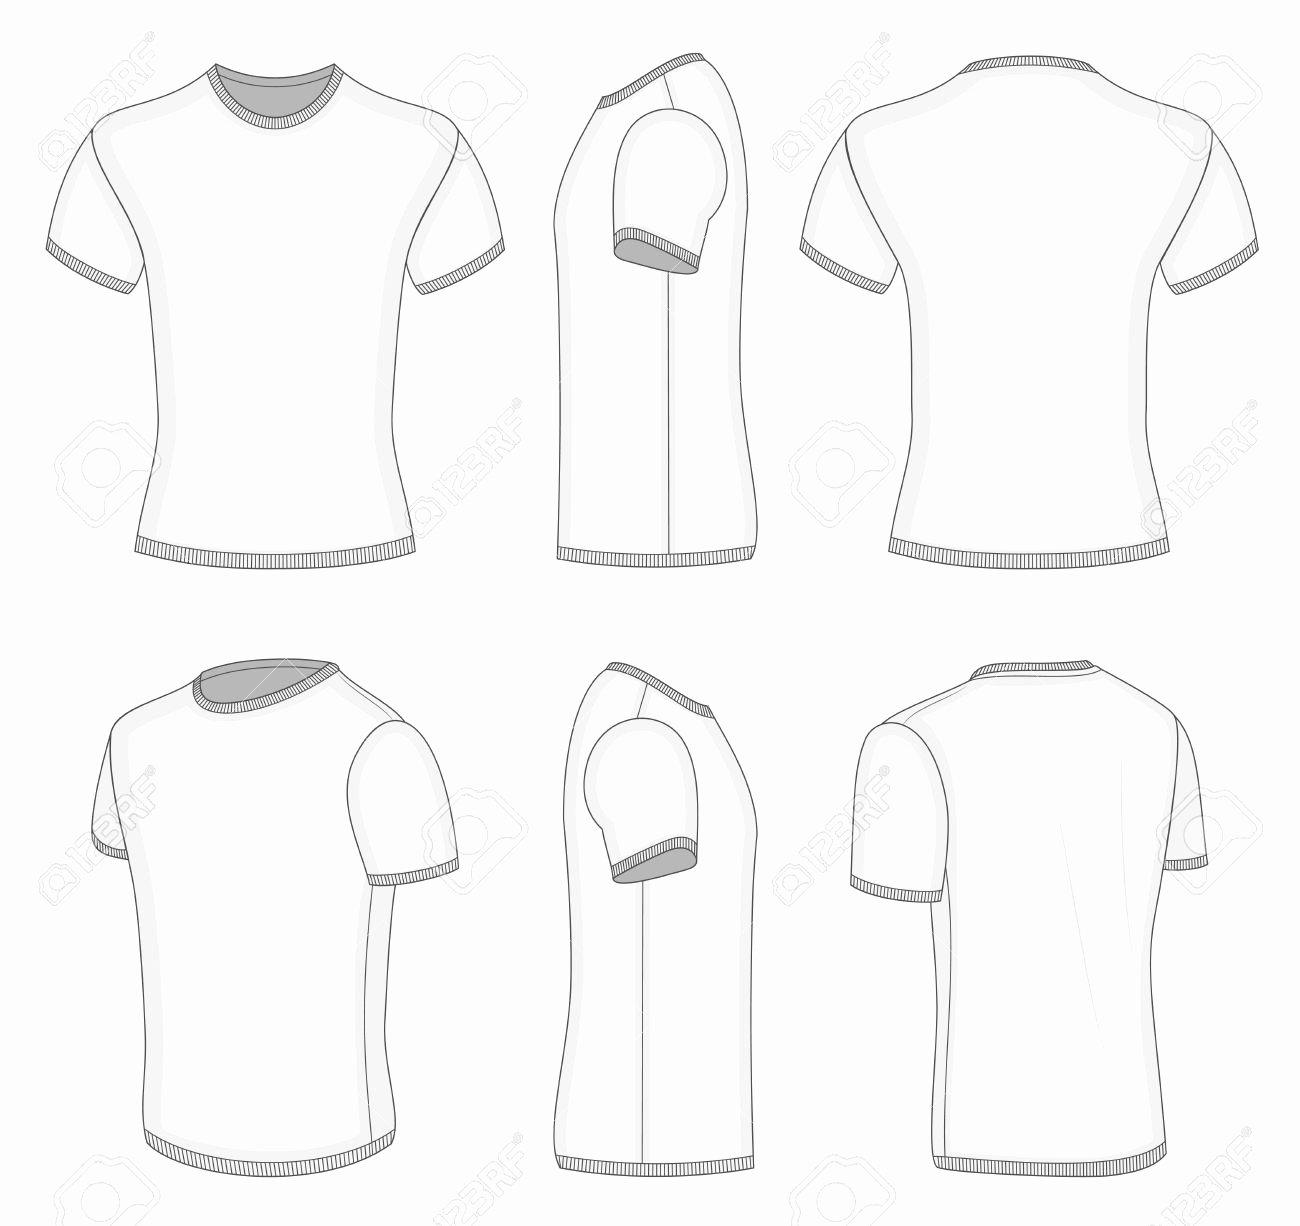 T Shirt Sleeve Template Beautiful Template Design Ideas